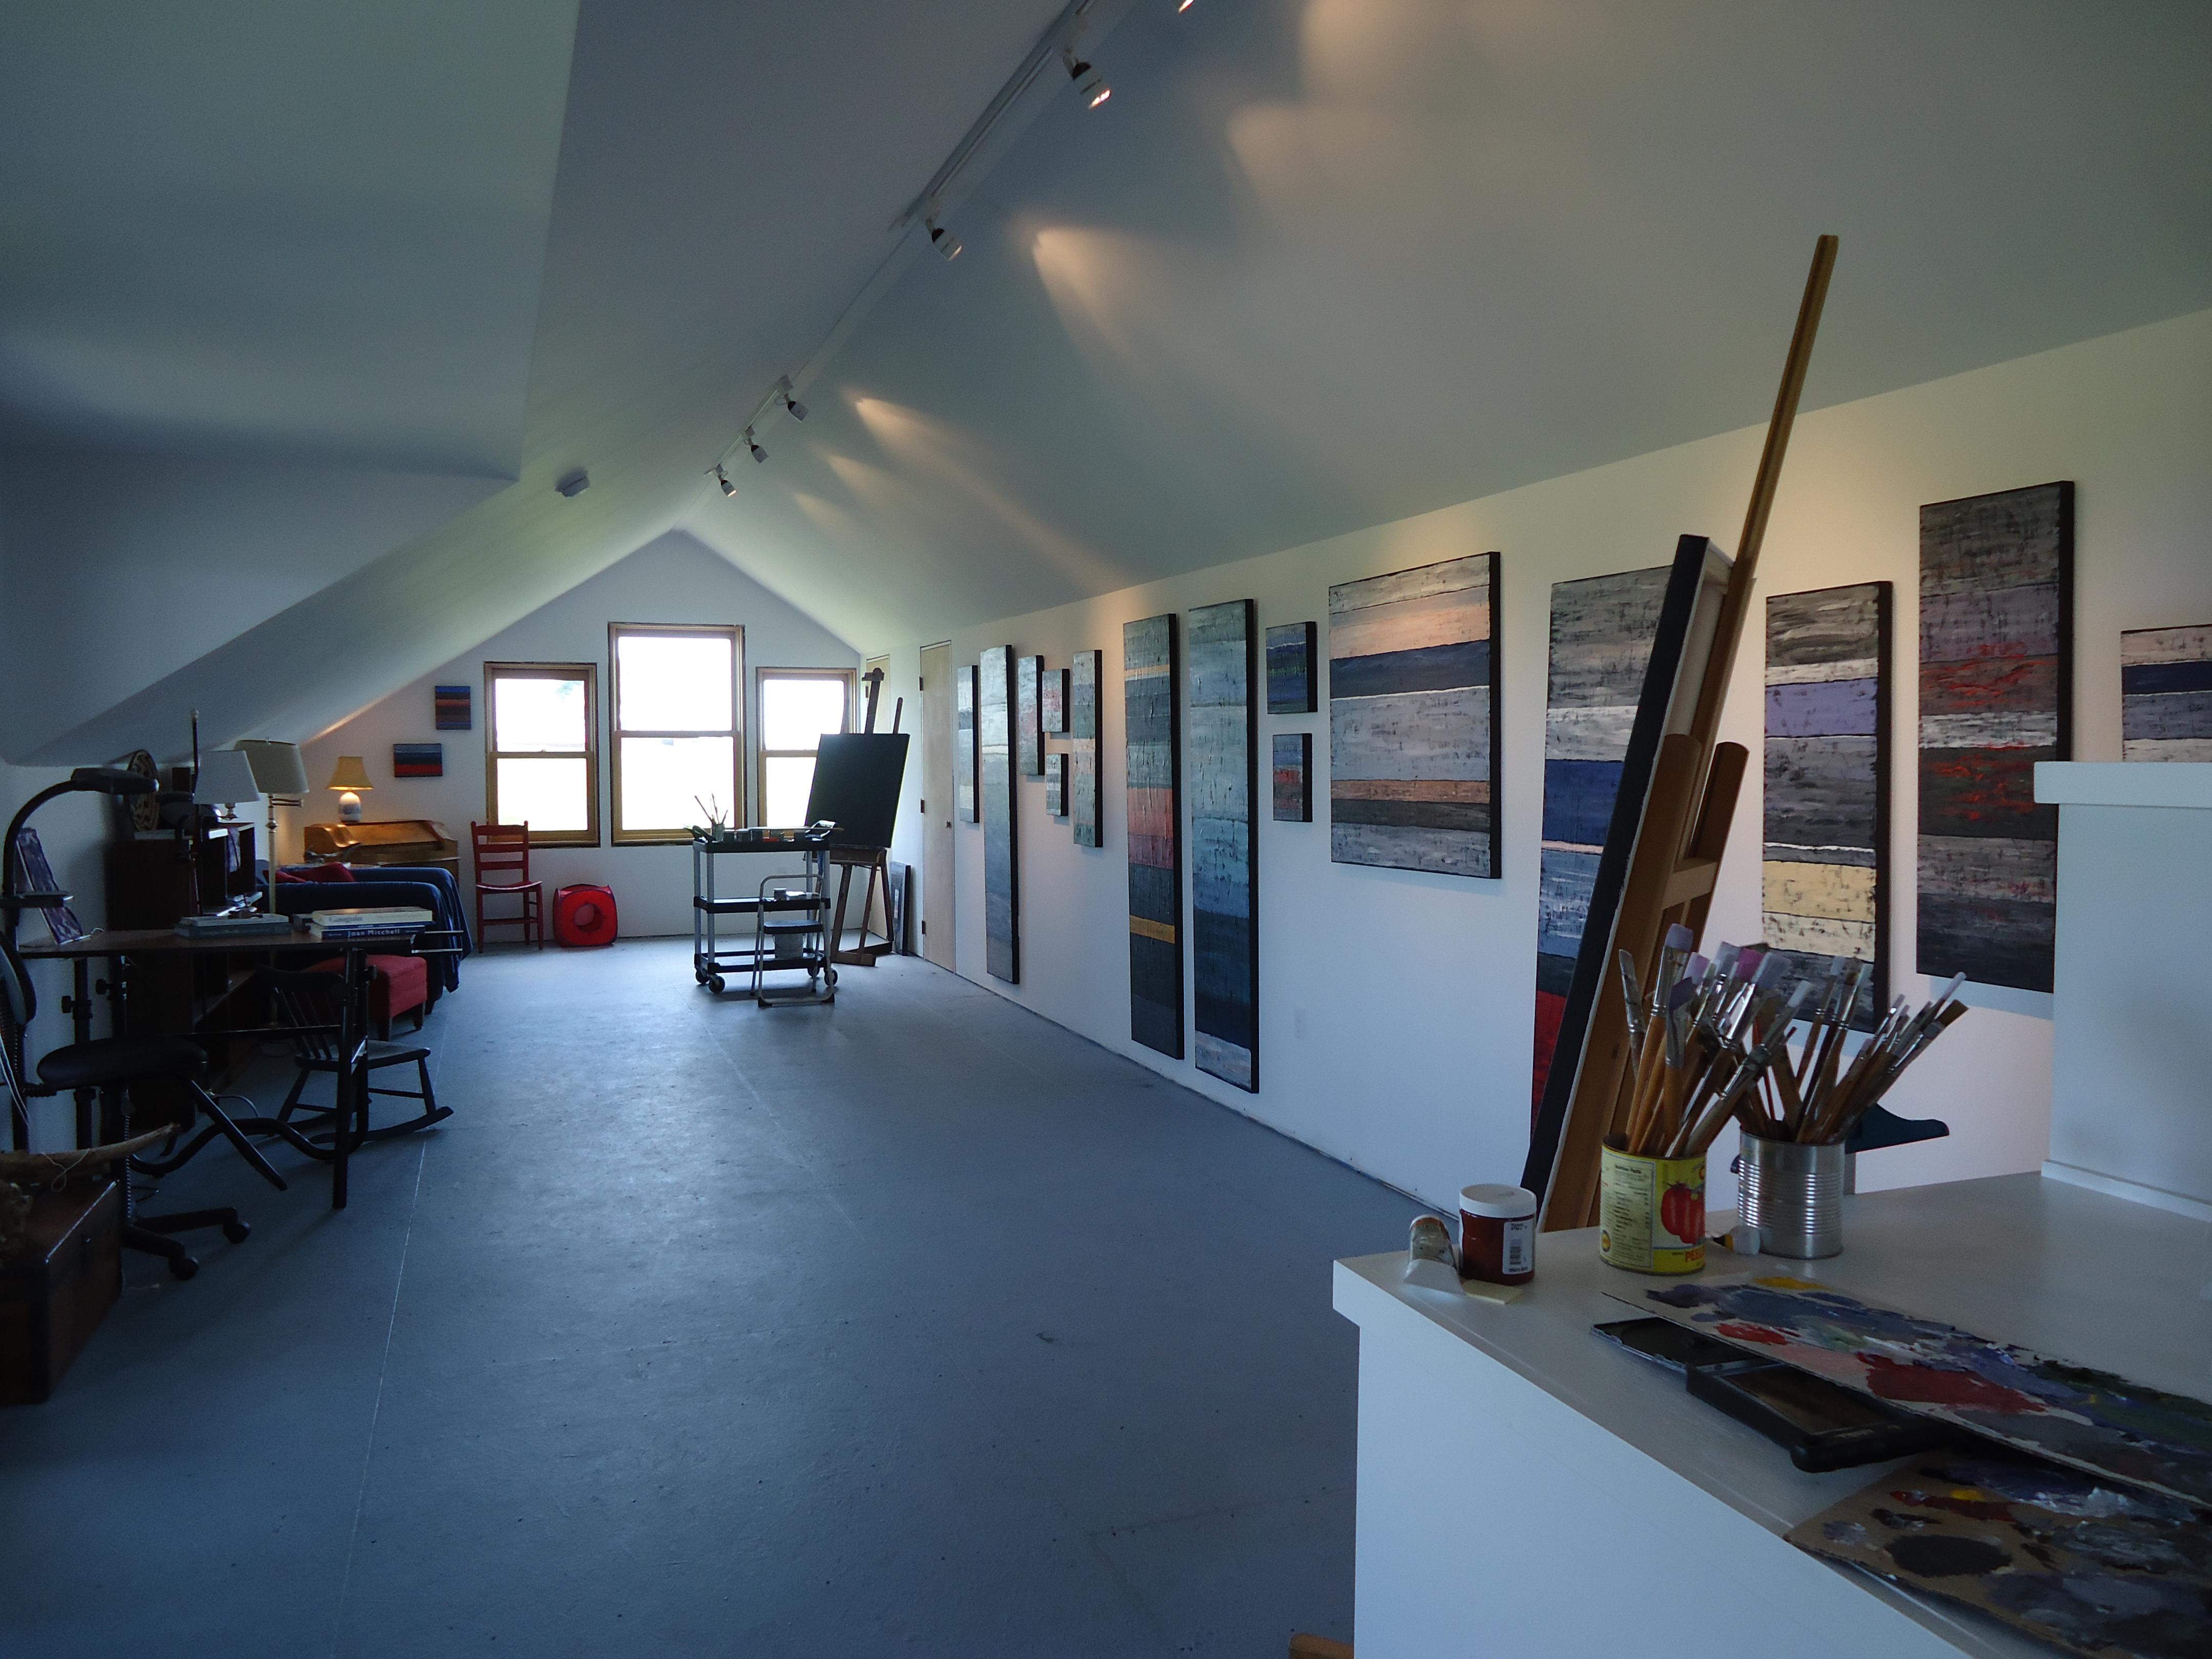 Ellen Few Anderson's Studio